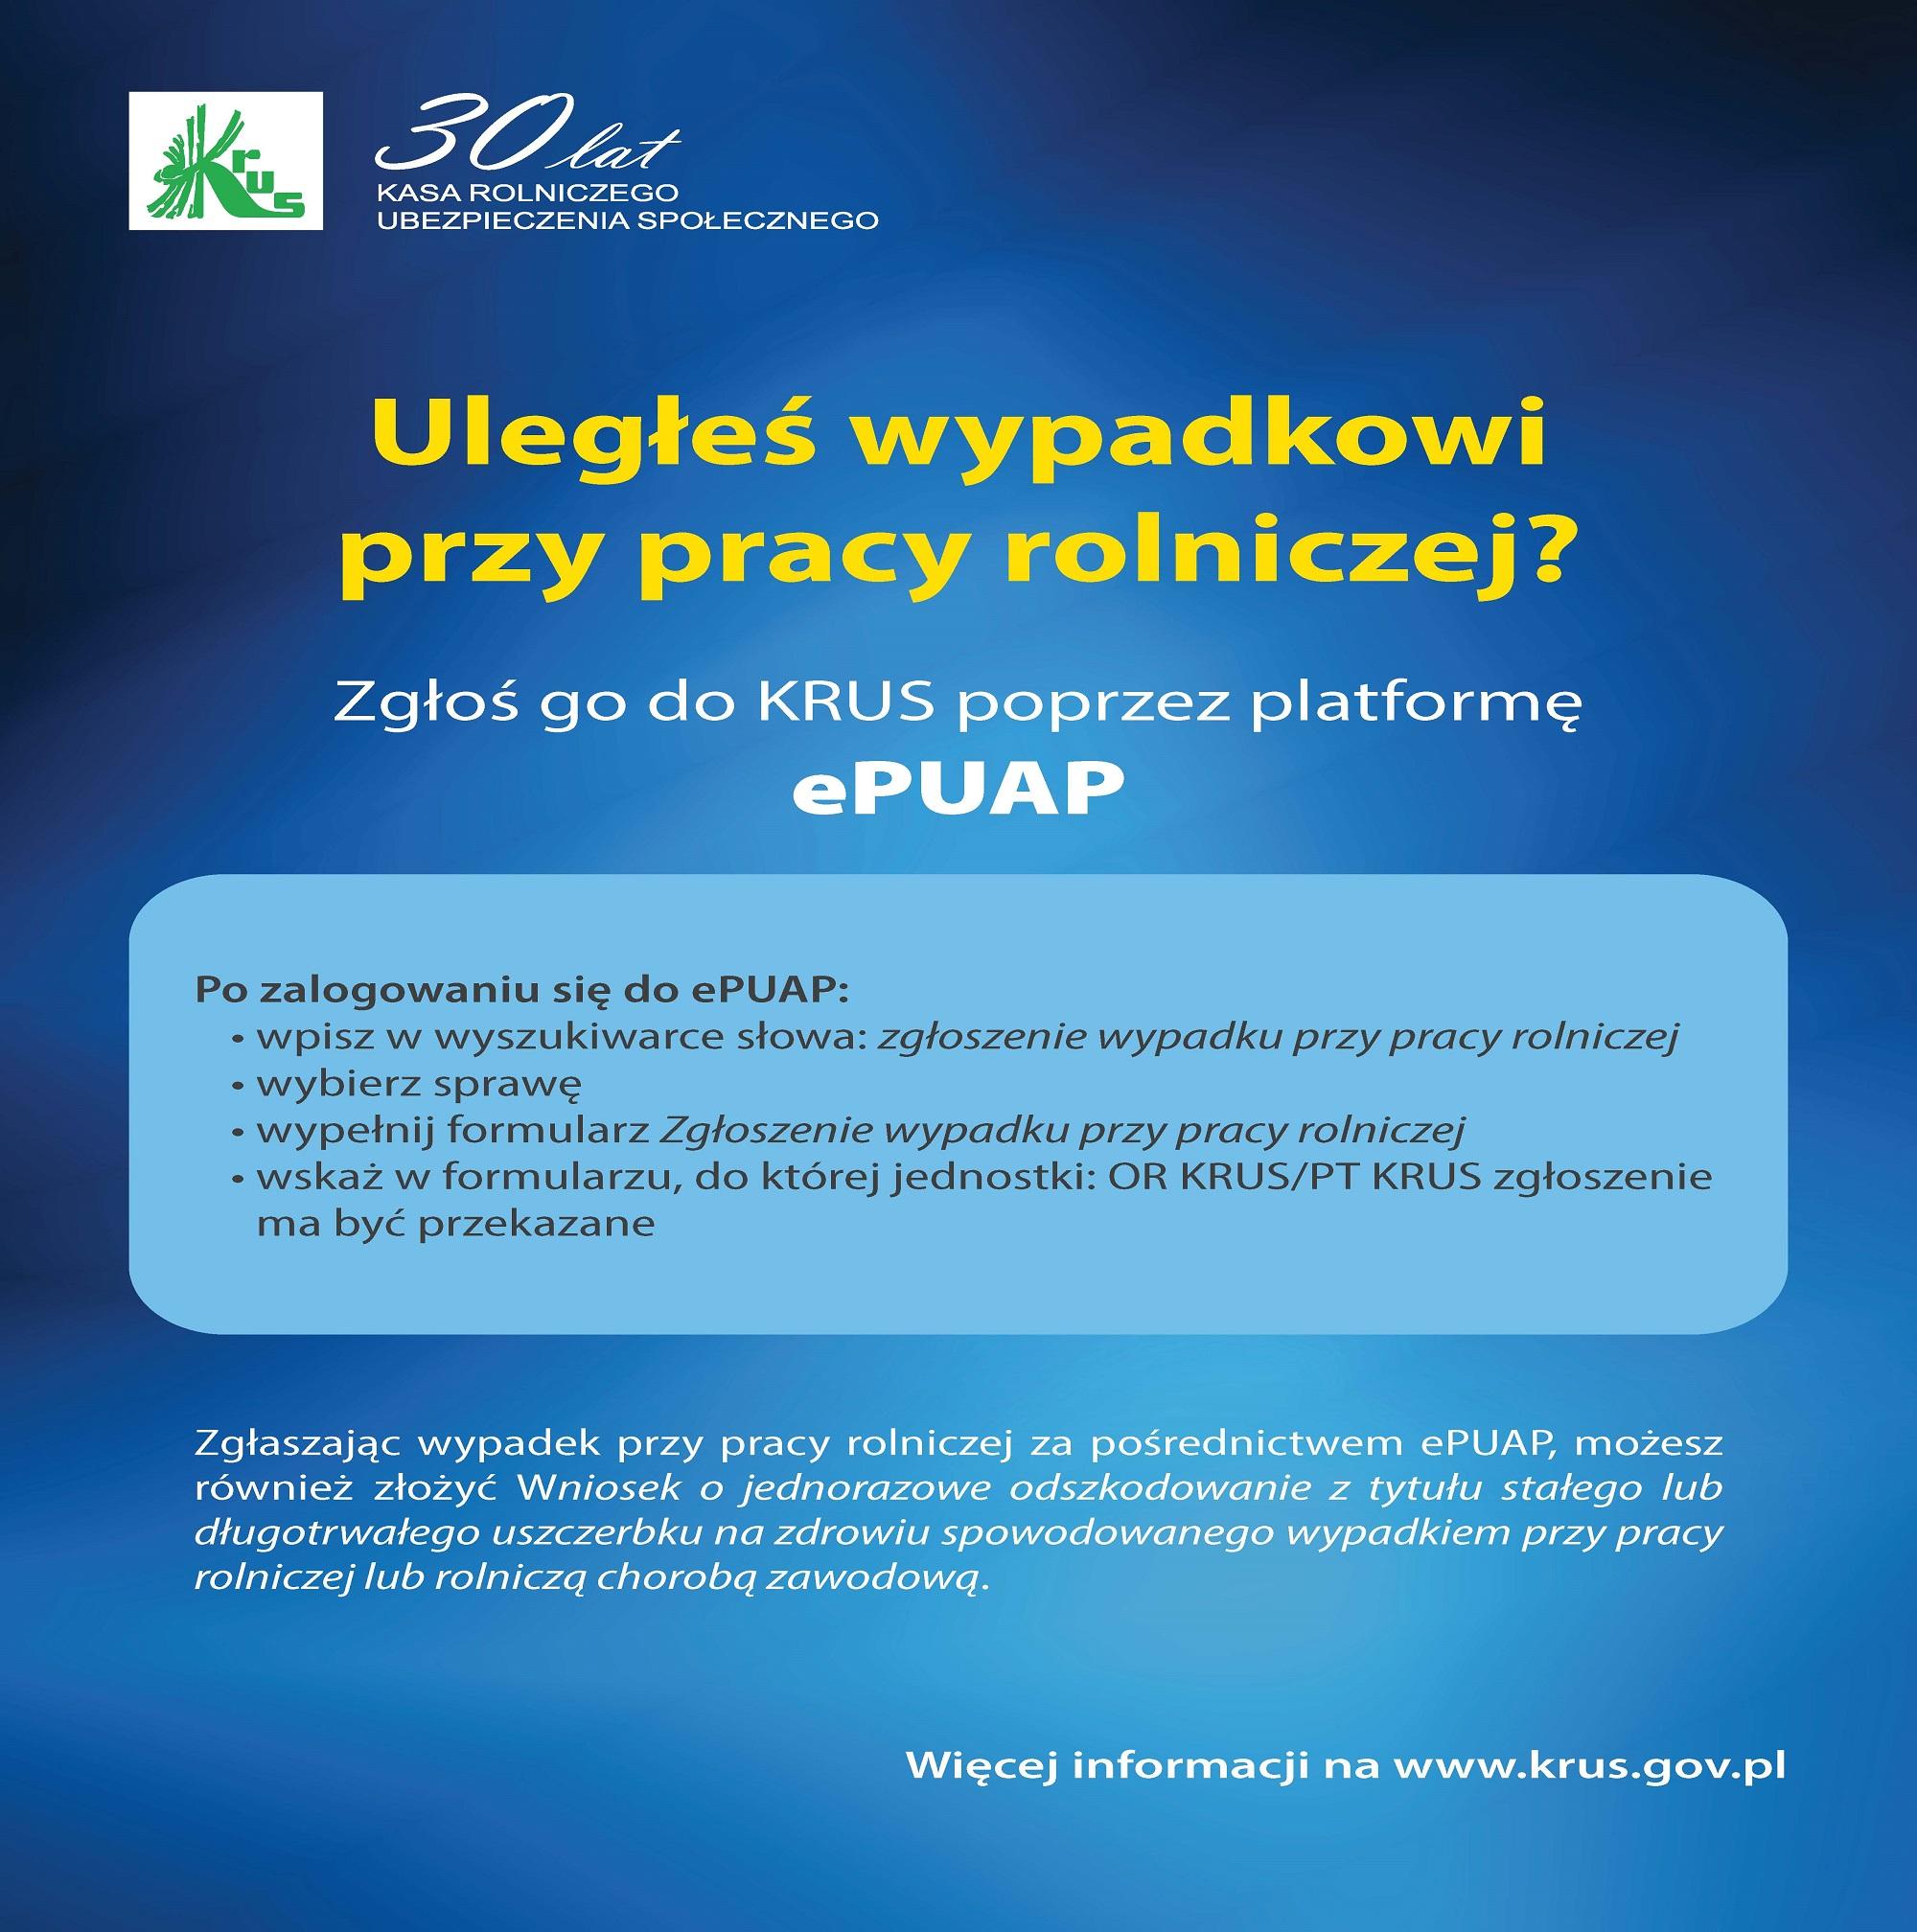 plakat KRUS o możliwości składania wniosków o odszkodowanie za wypadek przy pracy rolniczej poprzez ePUAP